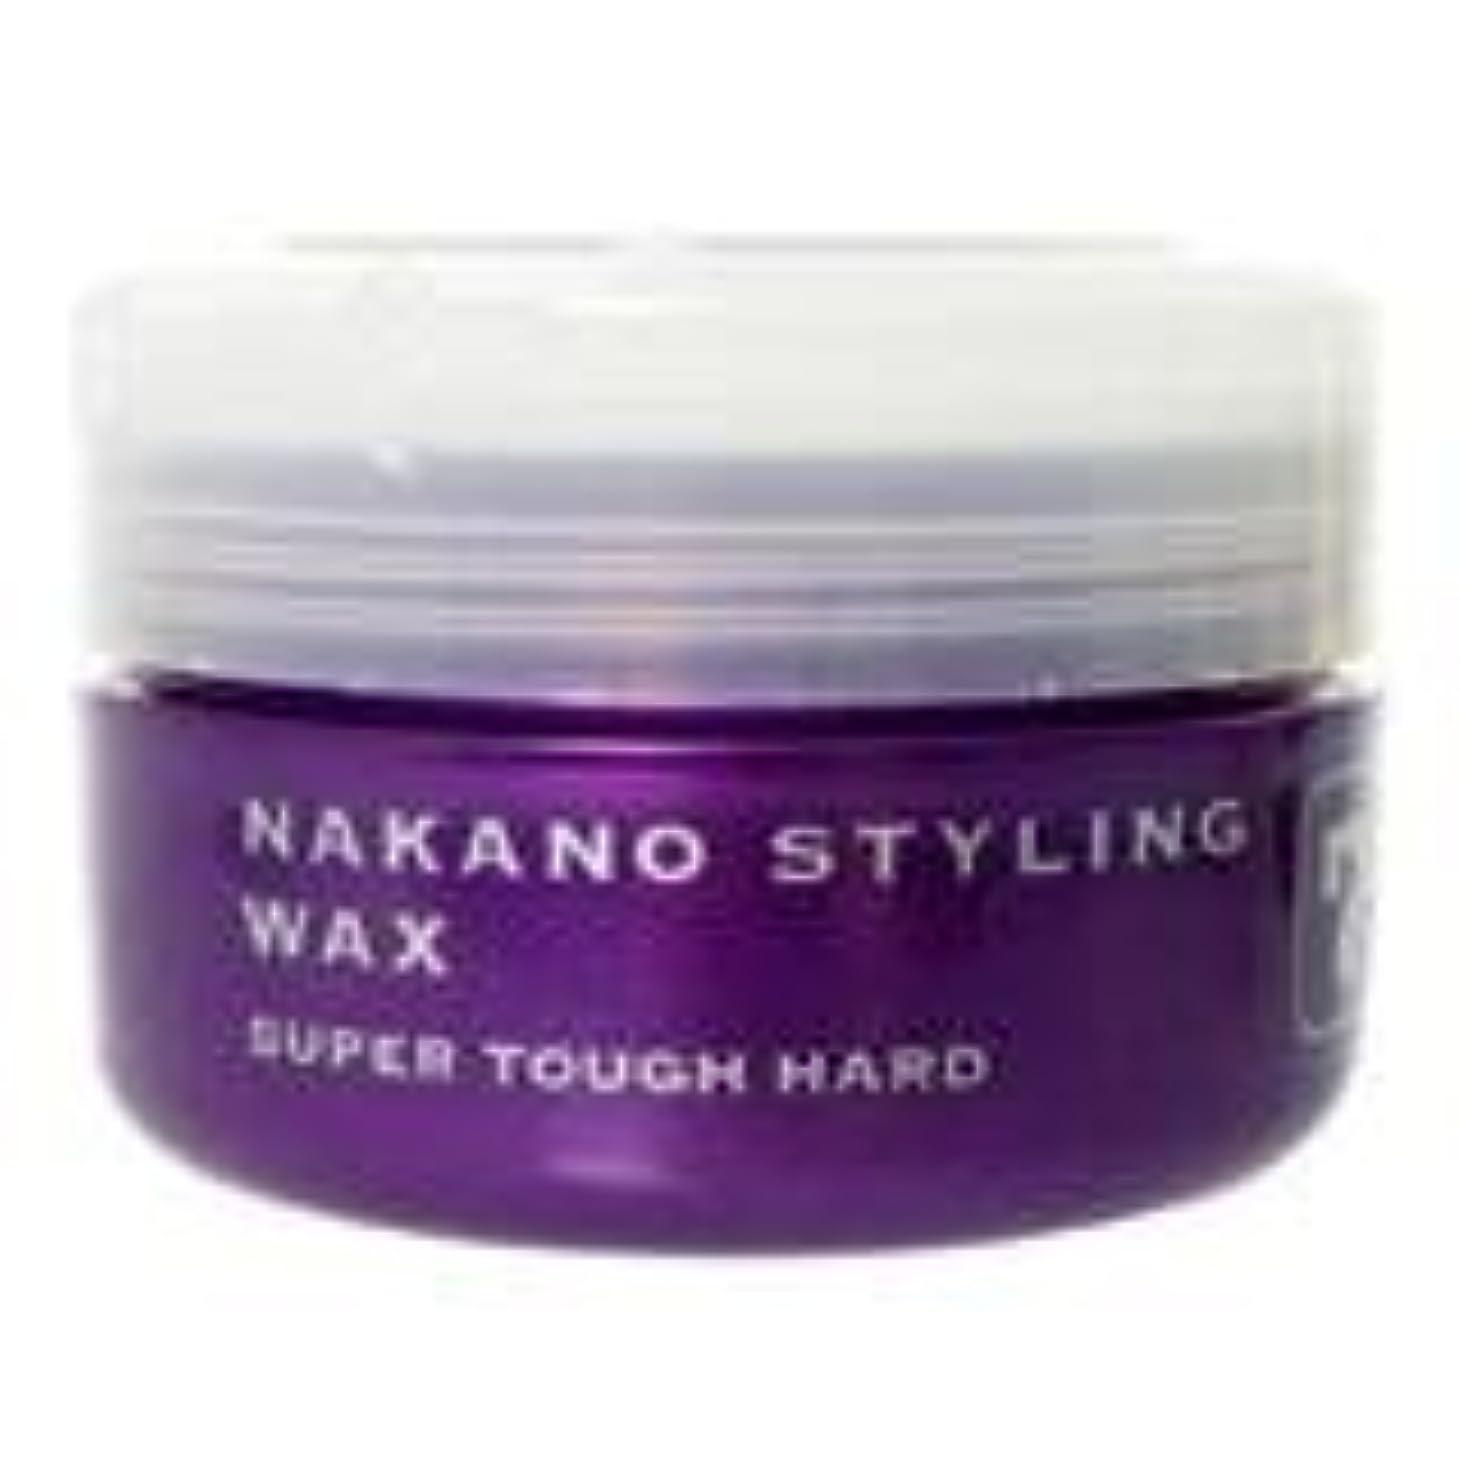 付与調整する財産ナカノ スタイリングワックス 7 スーパータフハード 90g 中野製薬 NAKANO